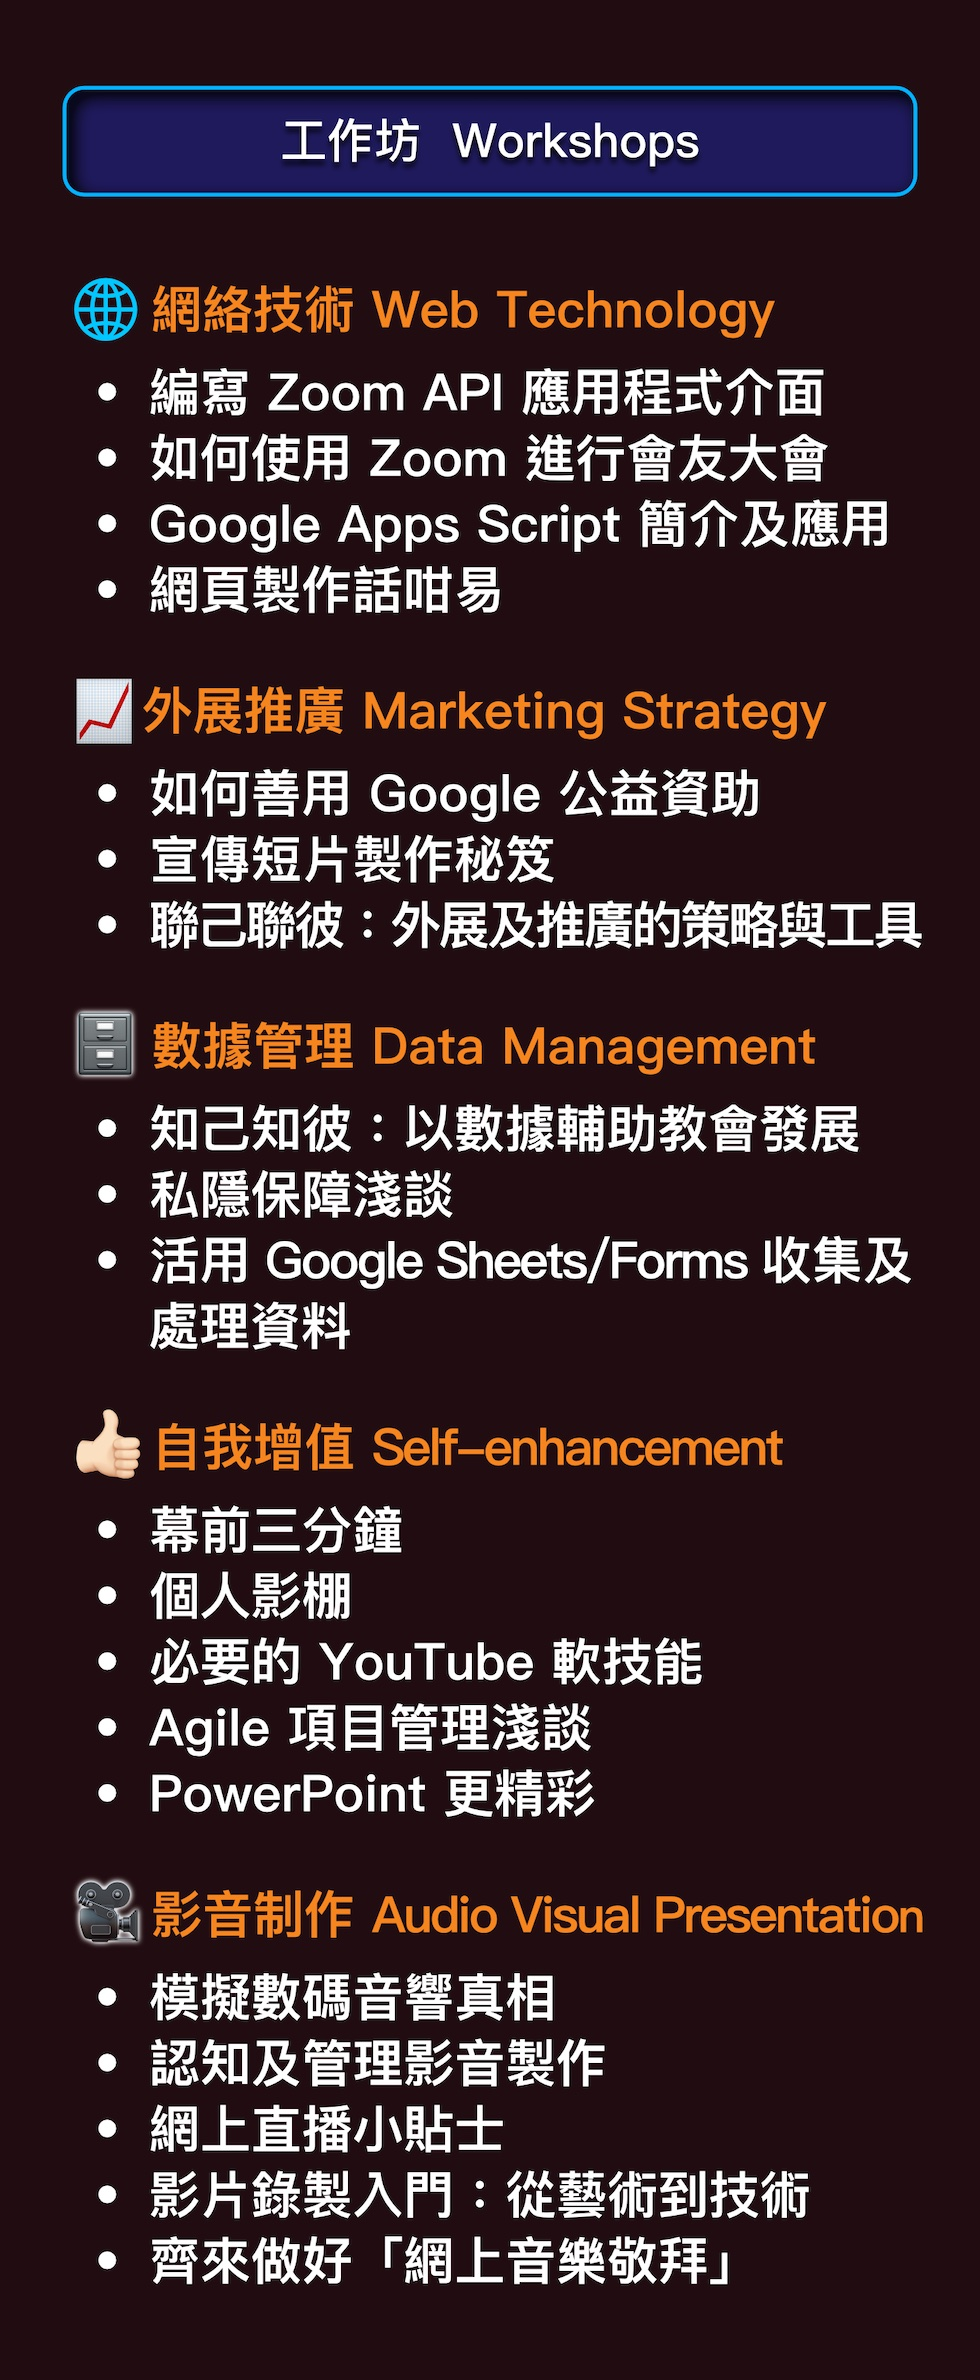 TECH2021-Workshops-Mobile.jpg